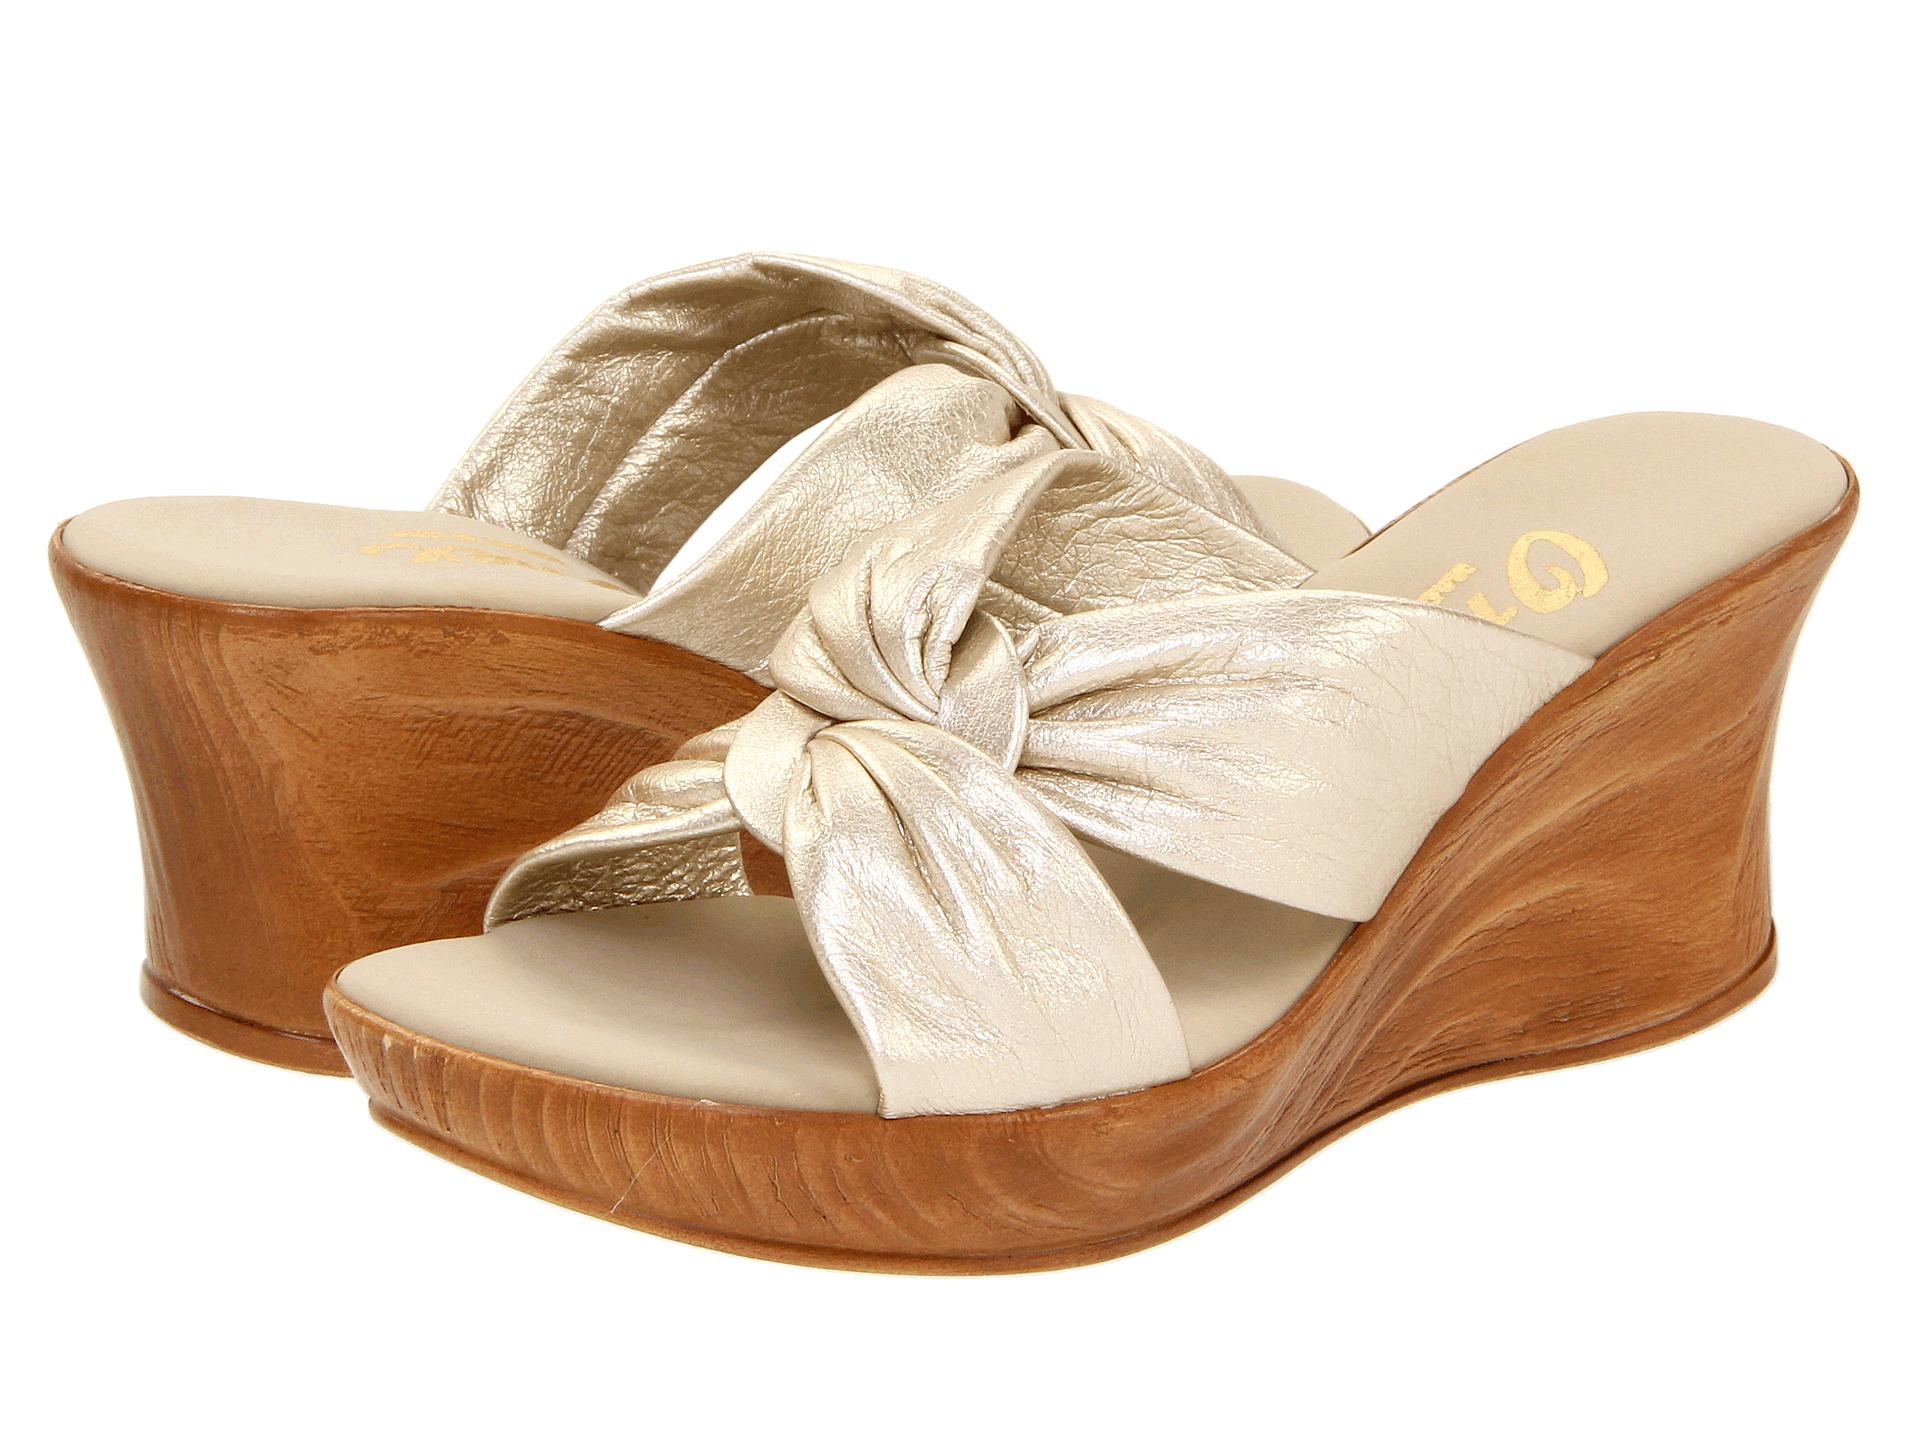 Onex Shoes Sale Sandals